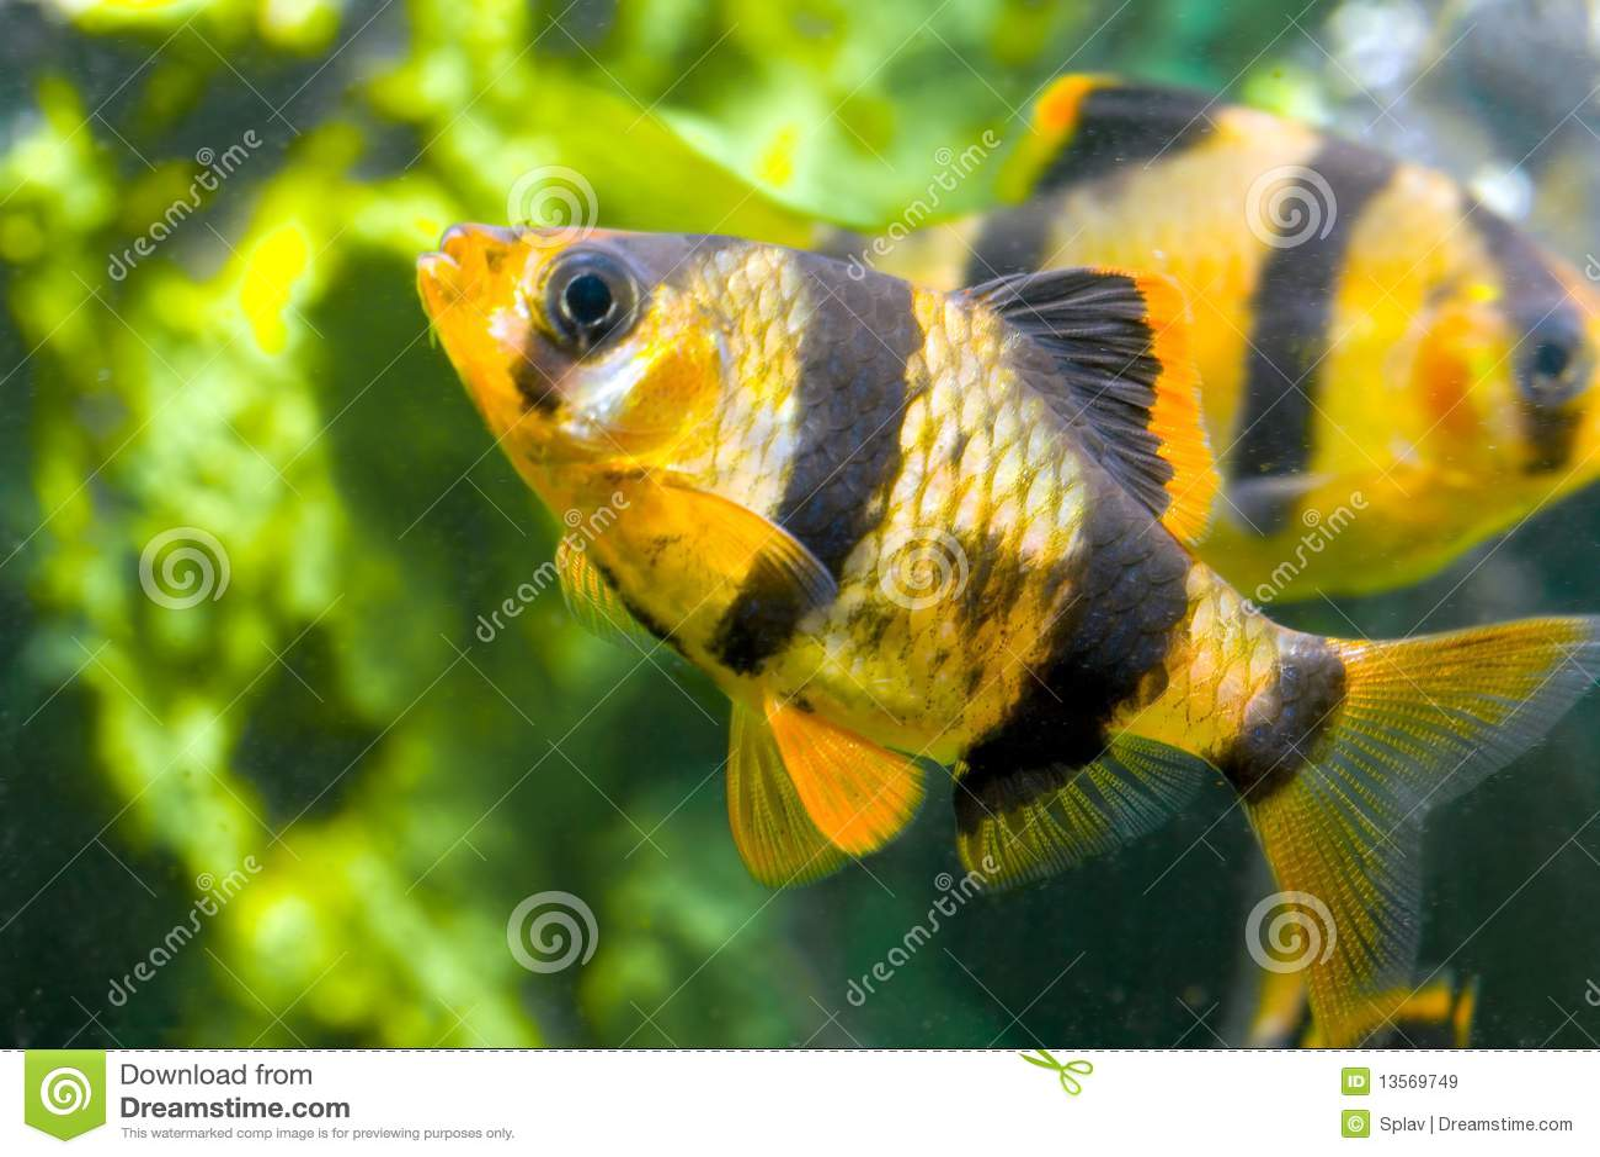 De Vissen Capoeta Tetrazona Van Het Aquarium Royalty vrije Stock Afbeeldingen   Afbeelding  13569749